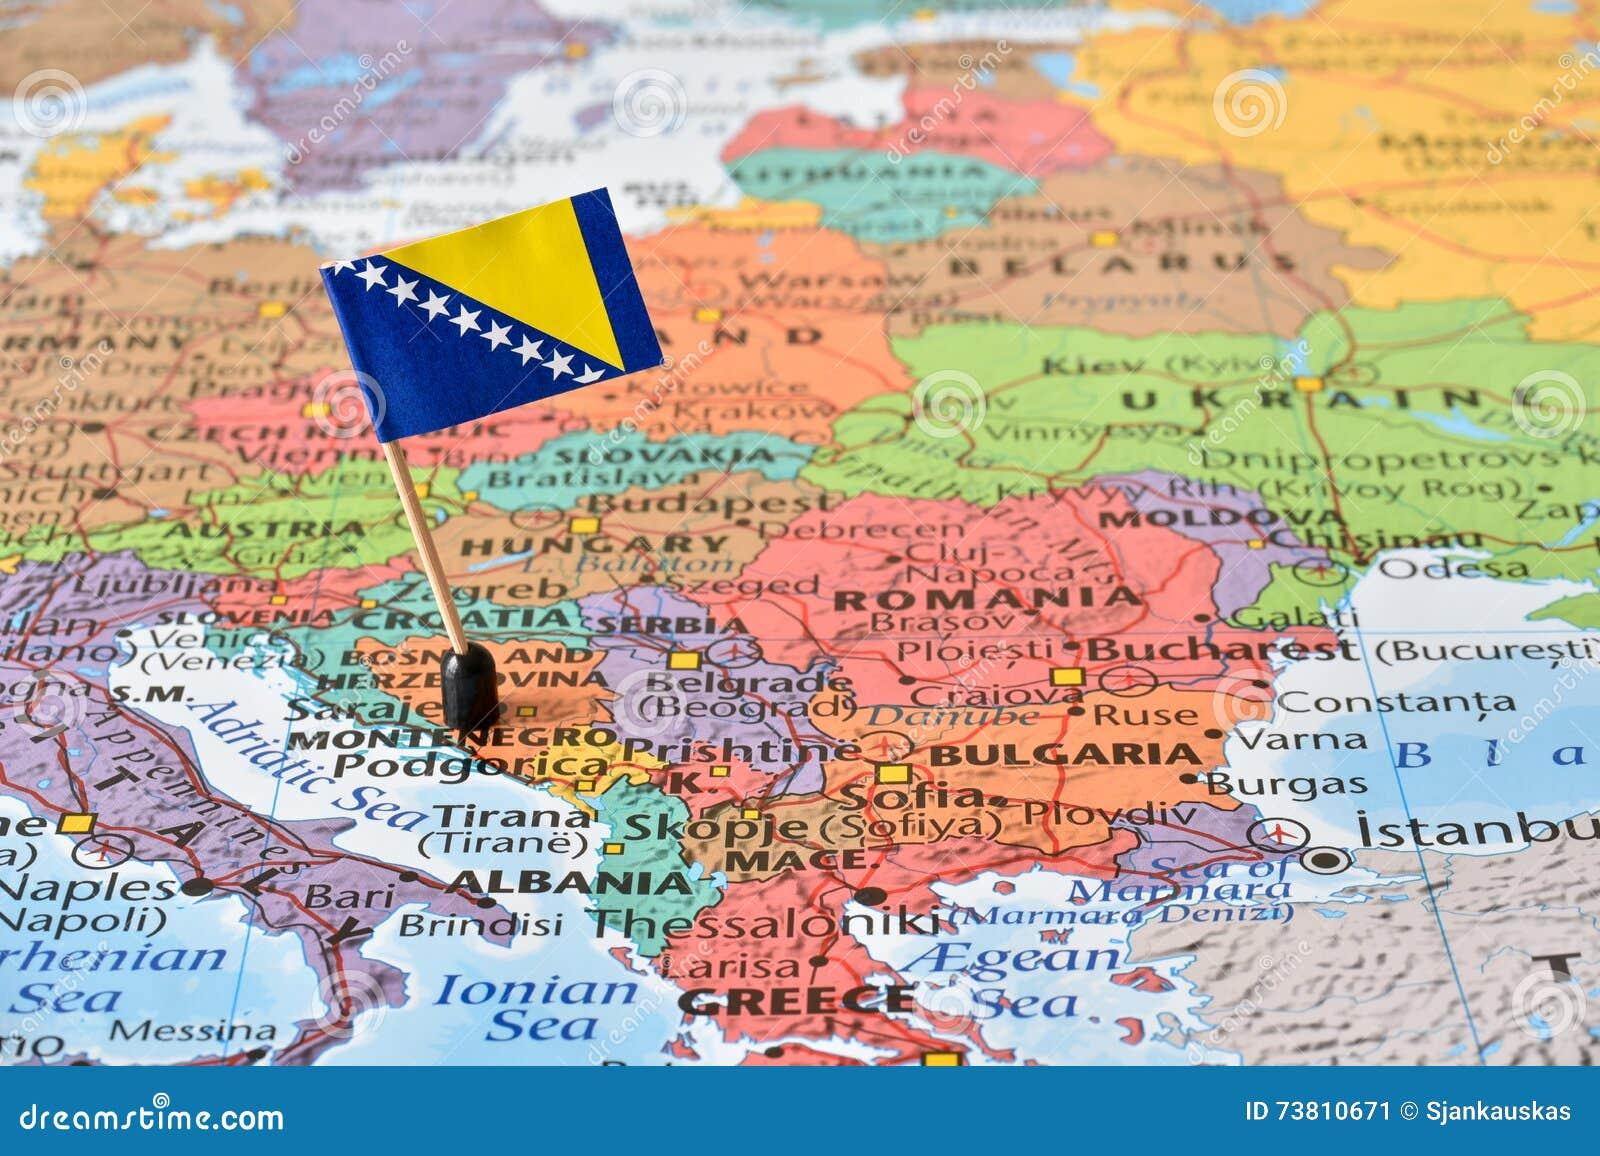 Karta Bosnien Och Hercegovina.Balkan Halvo Oversikt Och Flagga Av Bosnien Och Hercegovina